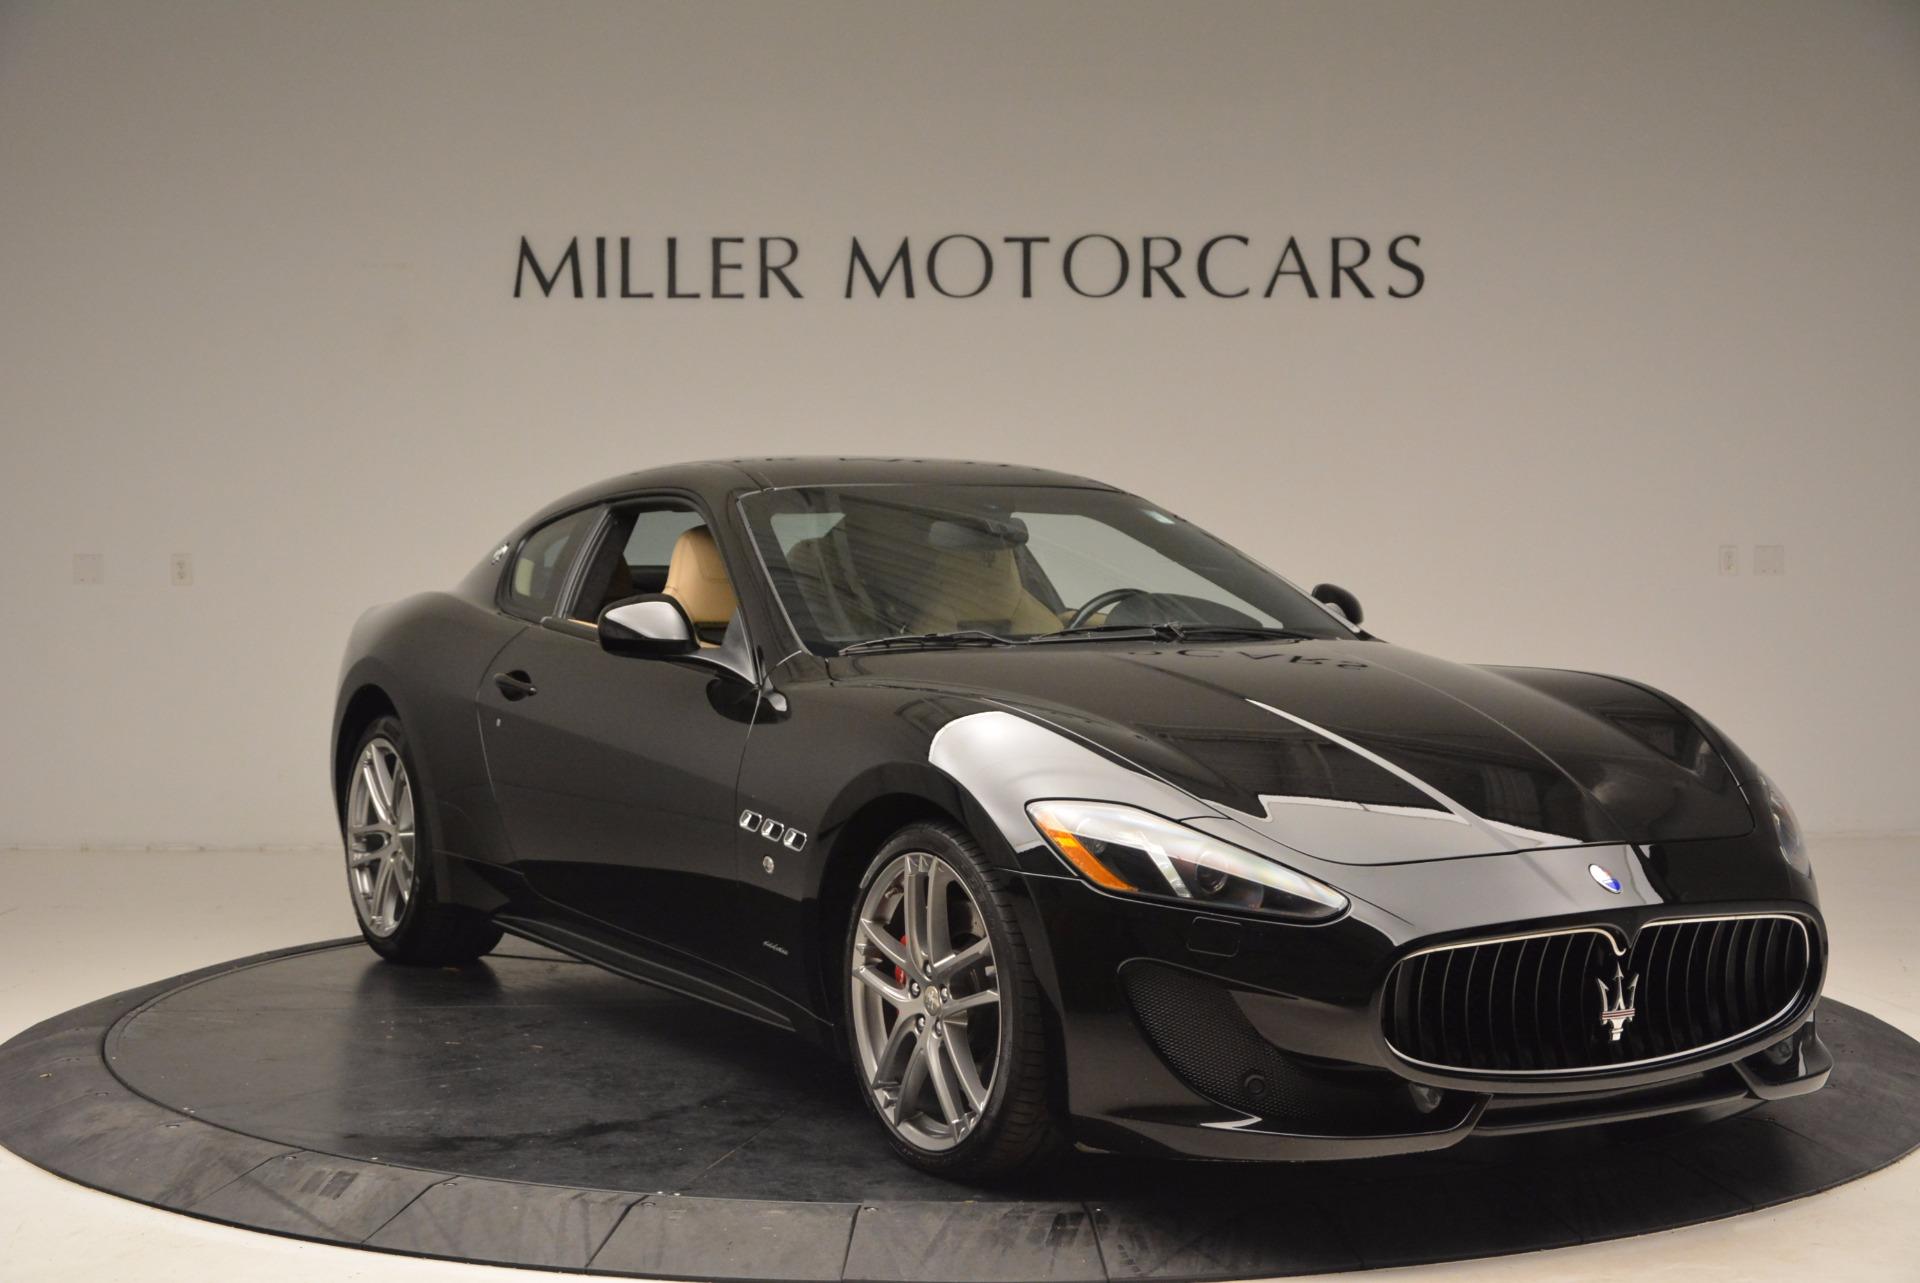 Used 2015 Maserati GranTurismo Sport Coupe For Sale In Greenwich, CT 1557_p11